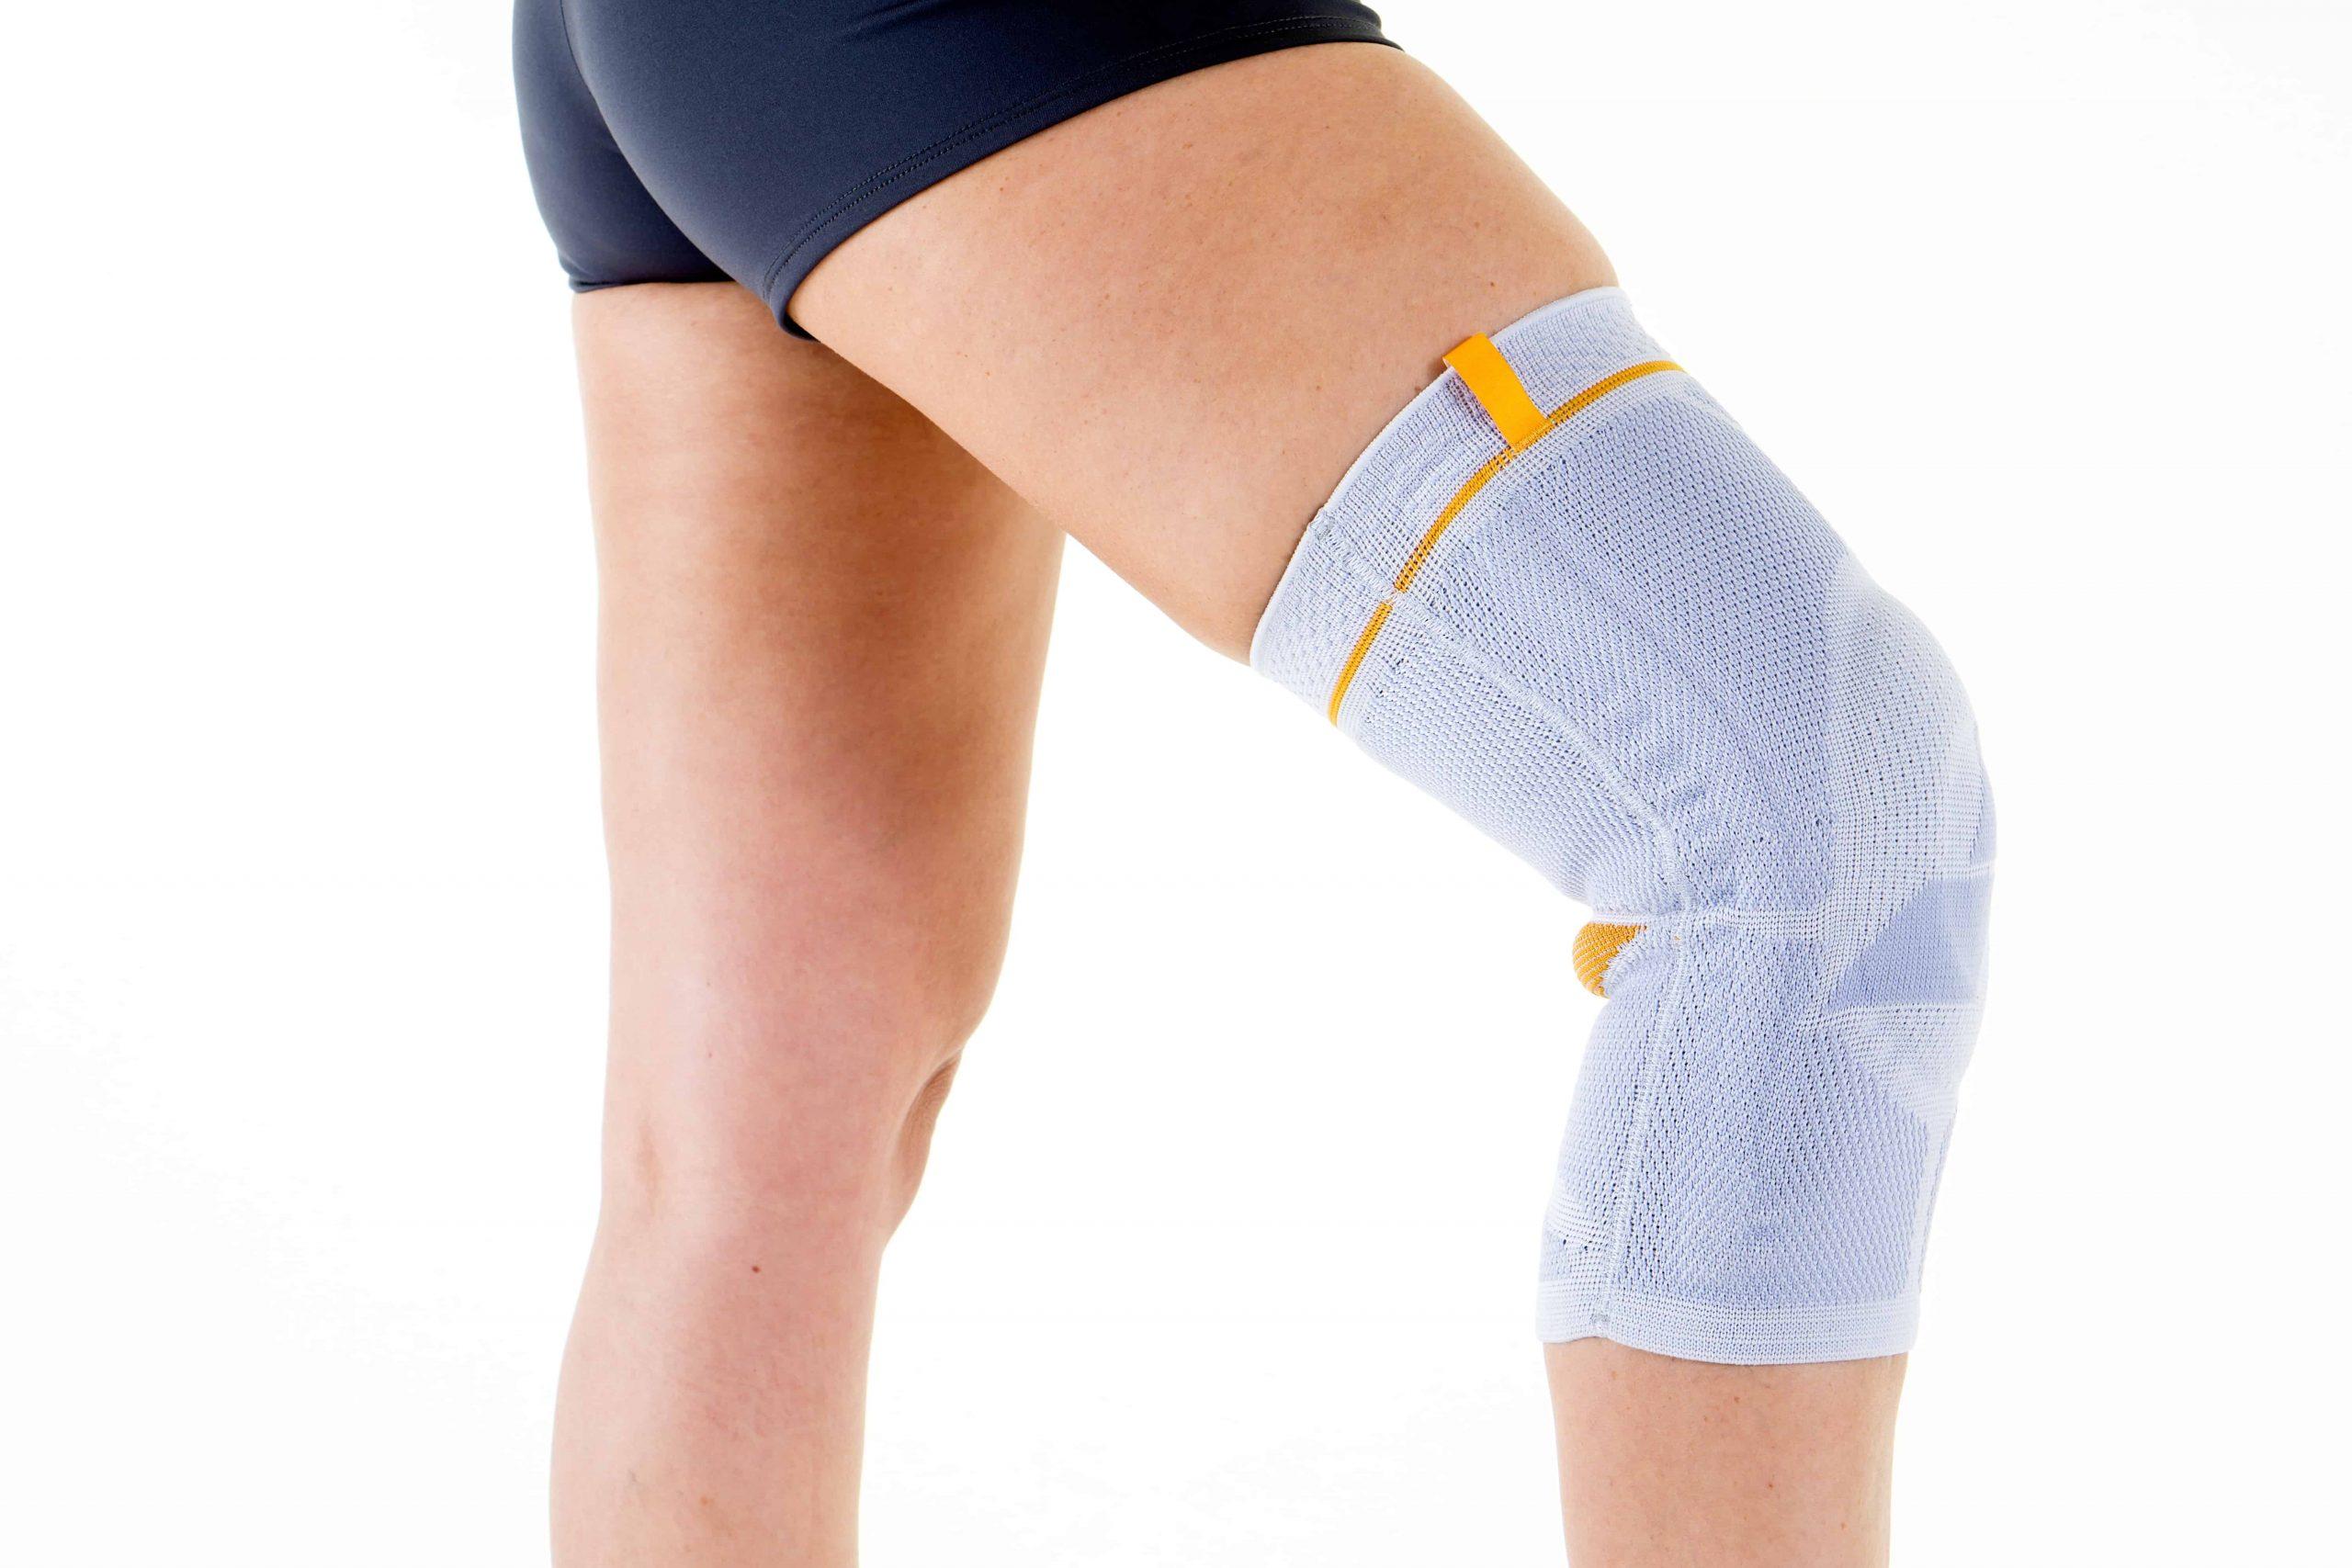 Kniebandage: Test & Empfehlungen (09/21)